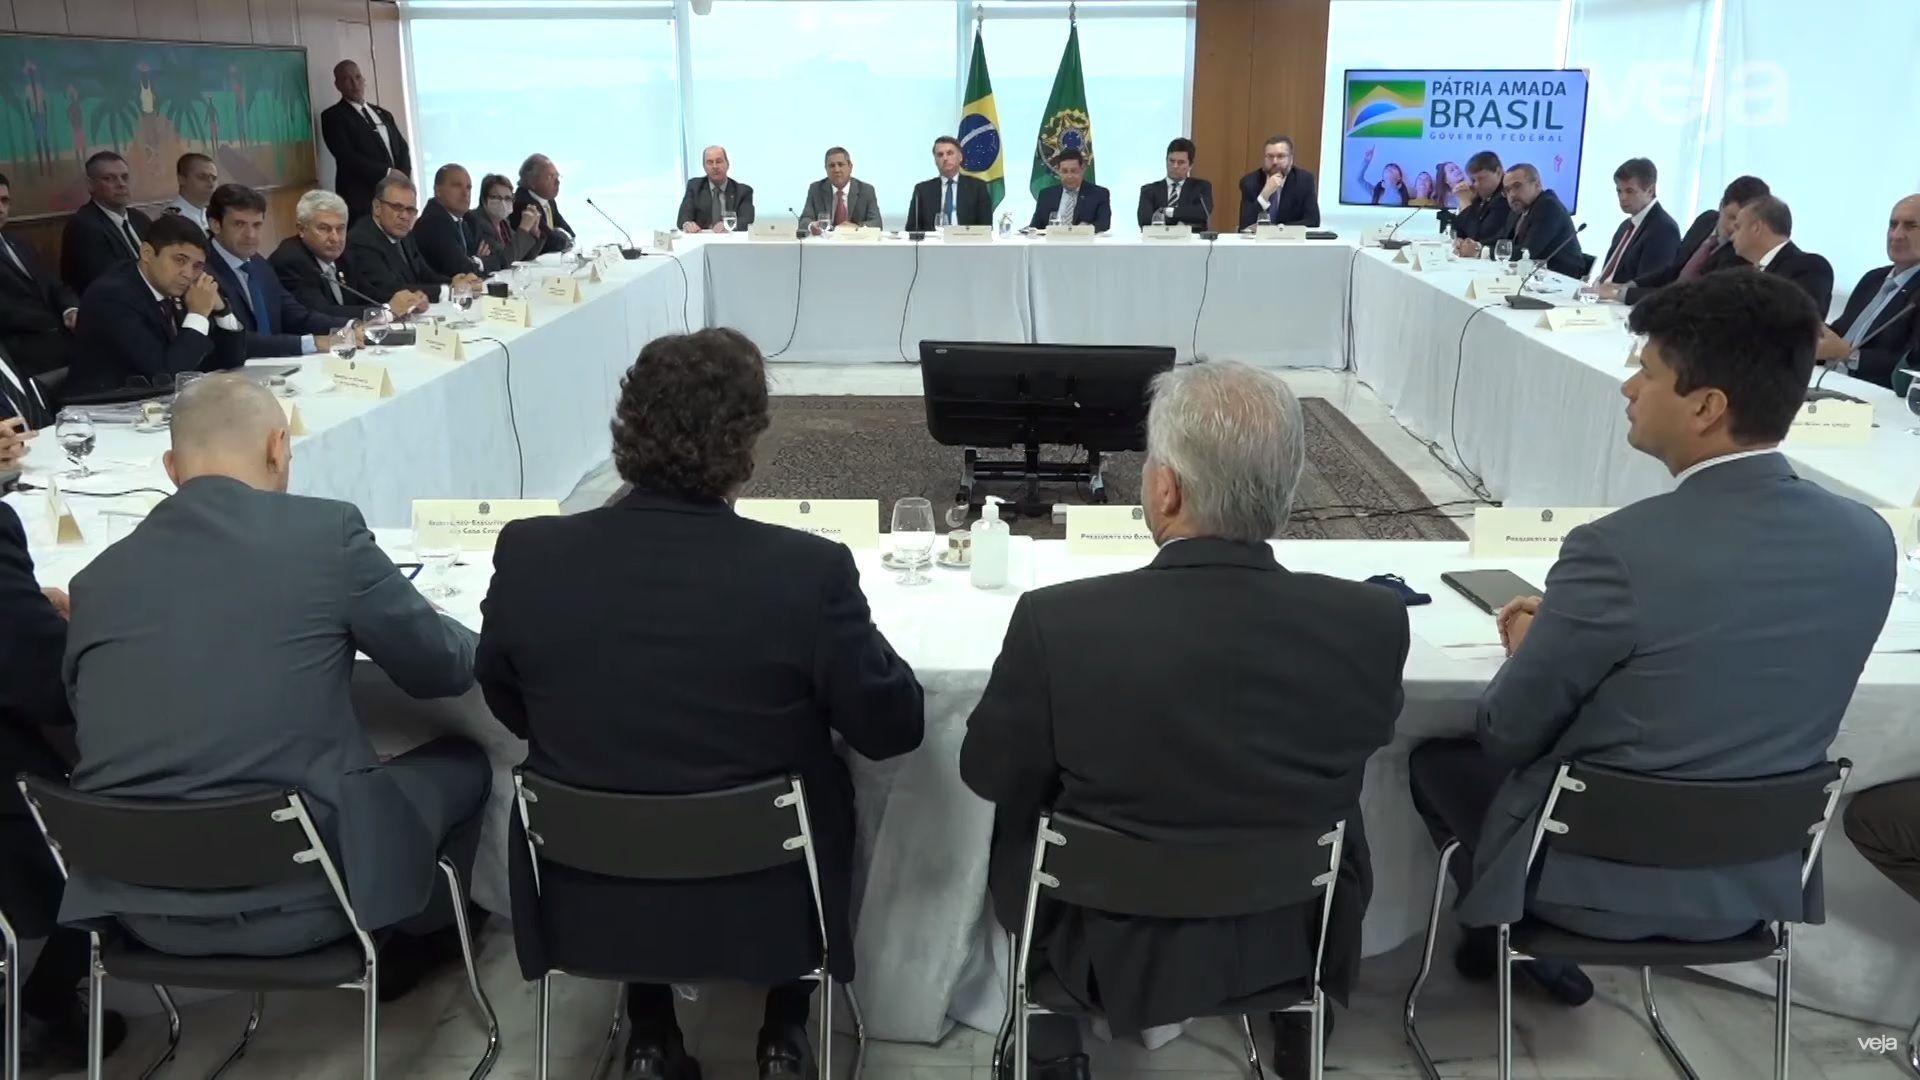 Видеозапис от заседание на бразилското правителство, разсекретен по нареждане на